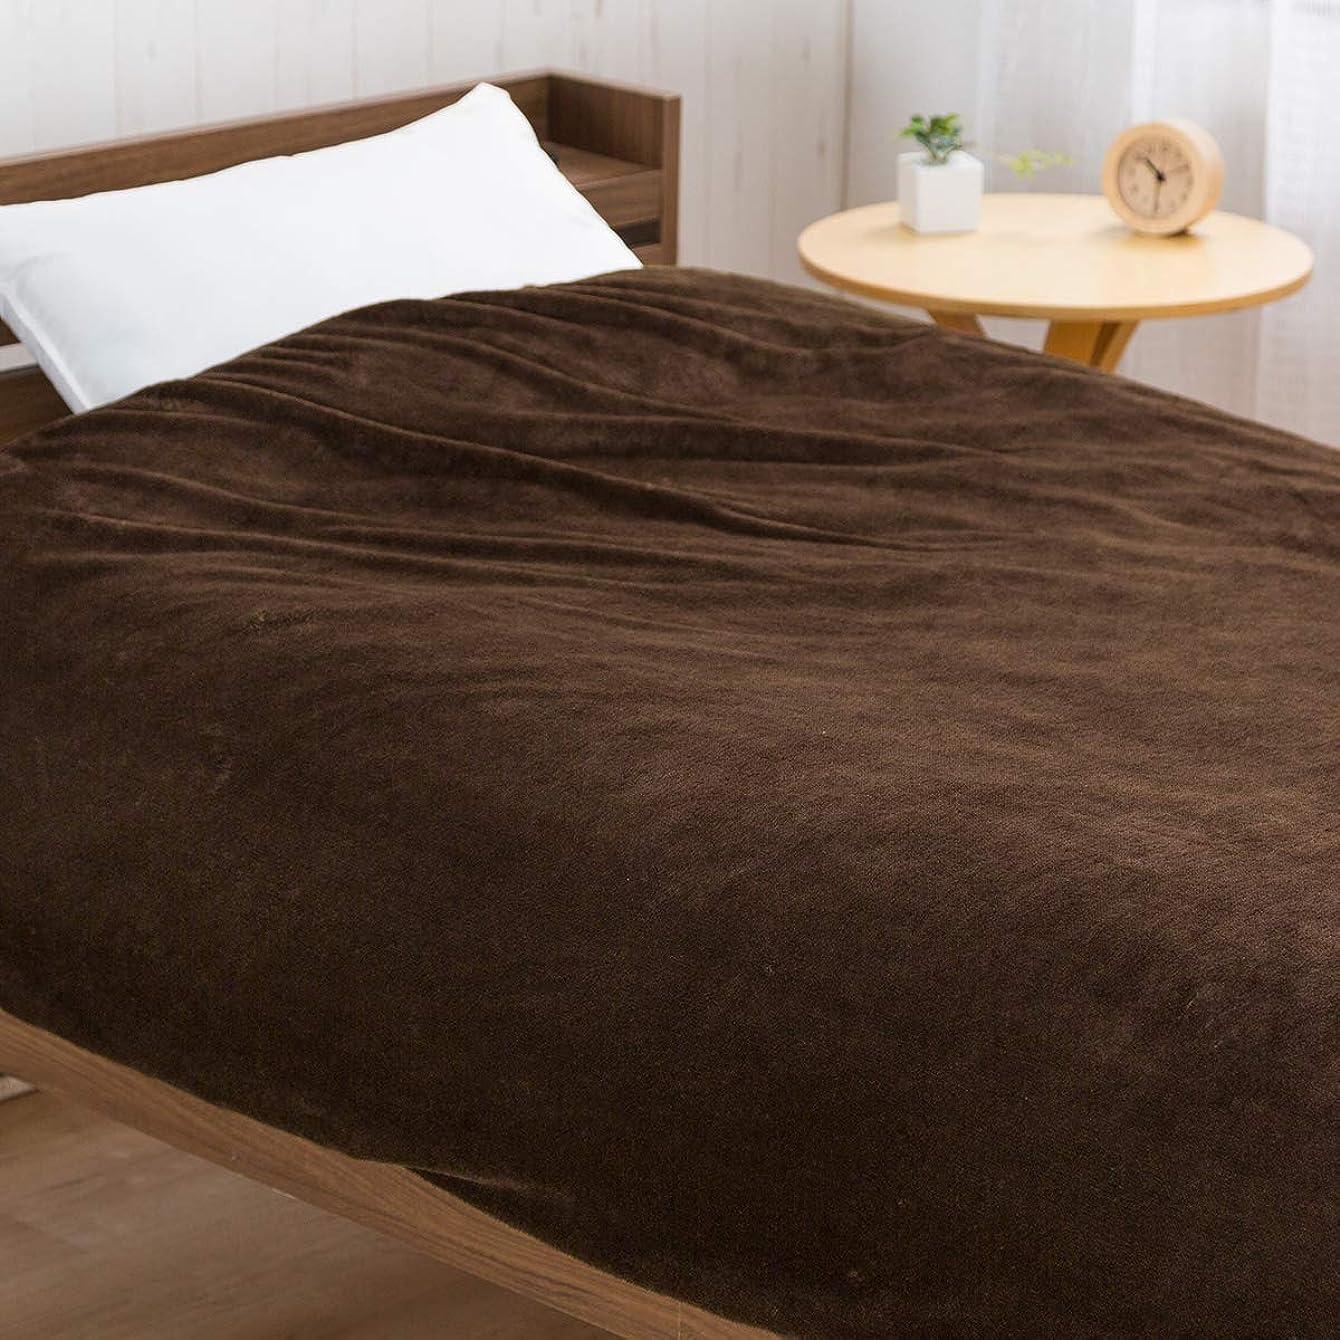 冷酷な事業内容アクセス【布団カバー 布団を包んであったか毛布に変える】 極細の柔らかマイクロファイバー生地 保温性抜群で暖かい ファスナータイプで使いやすい 洗える 気持ちいい毛布 (ブラウン色) ブラウン 1:包める毛布